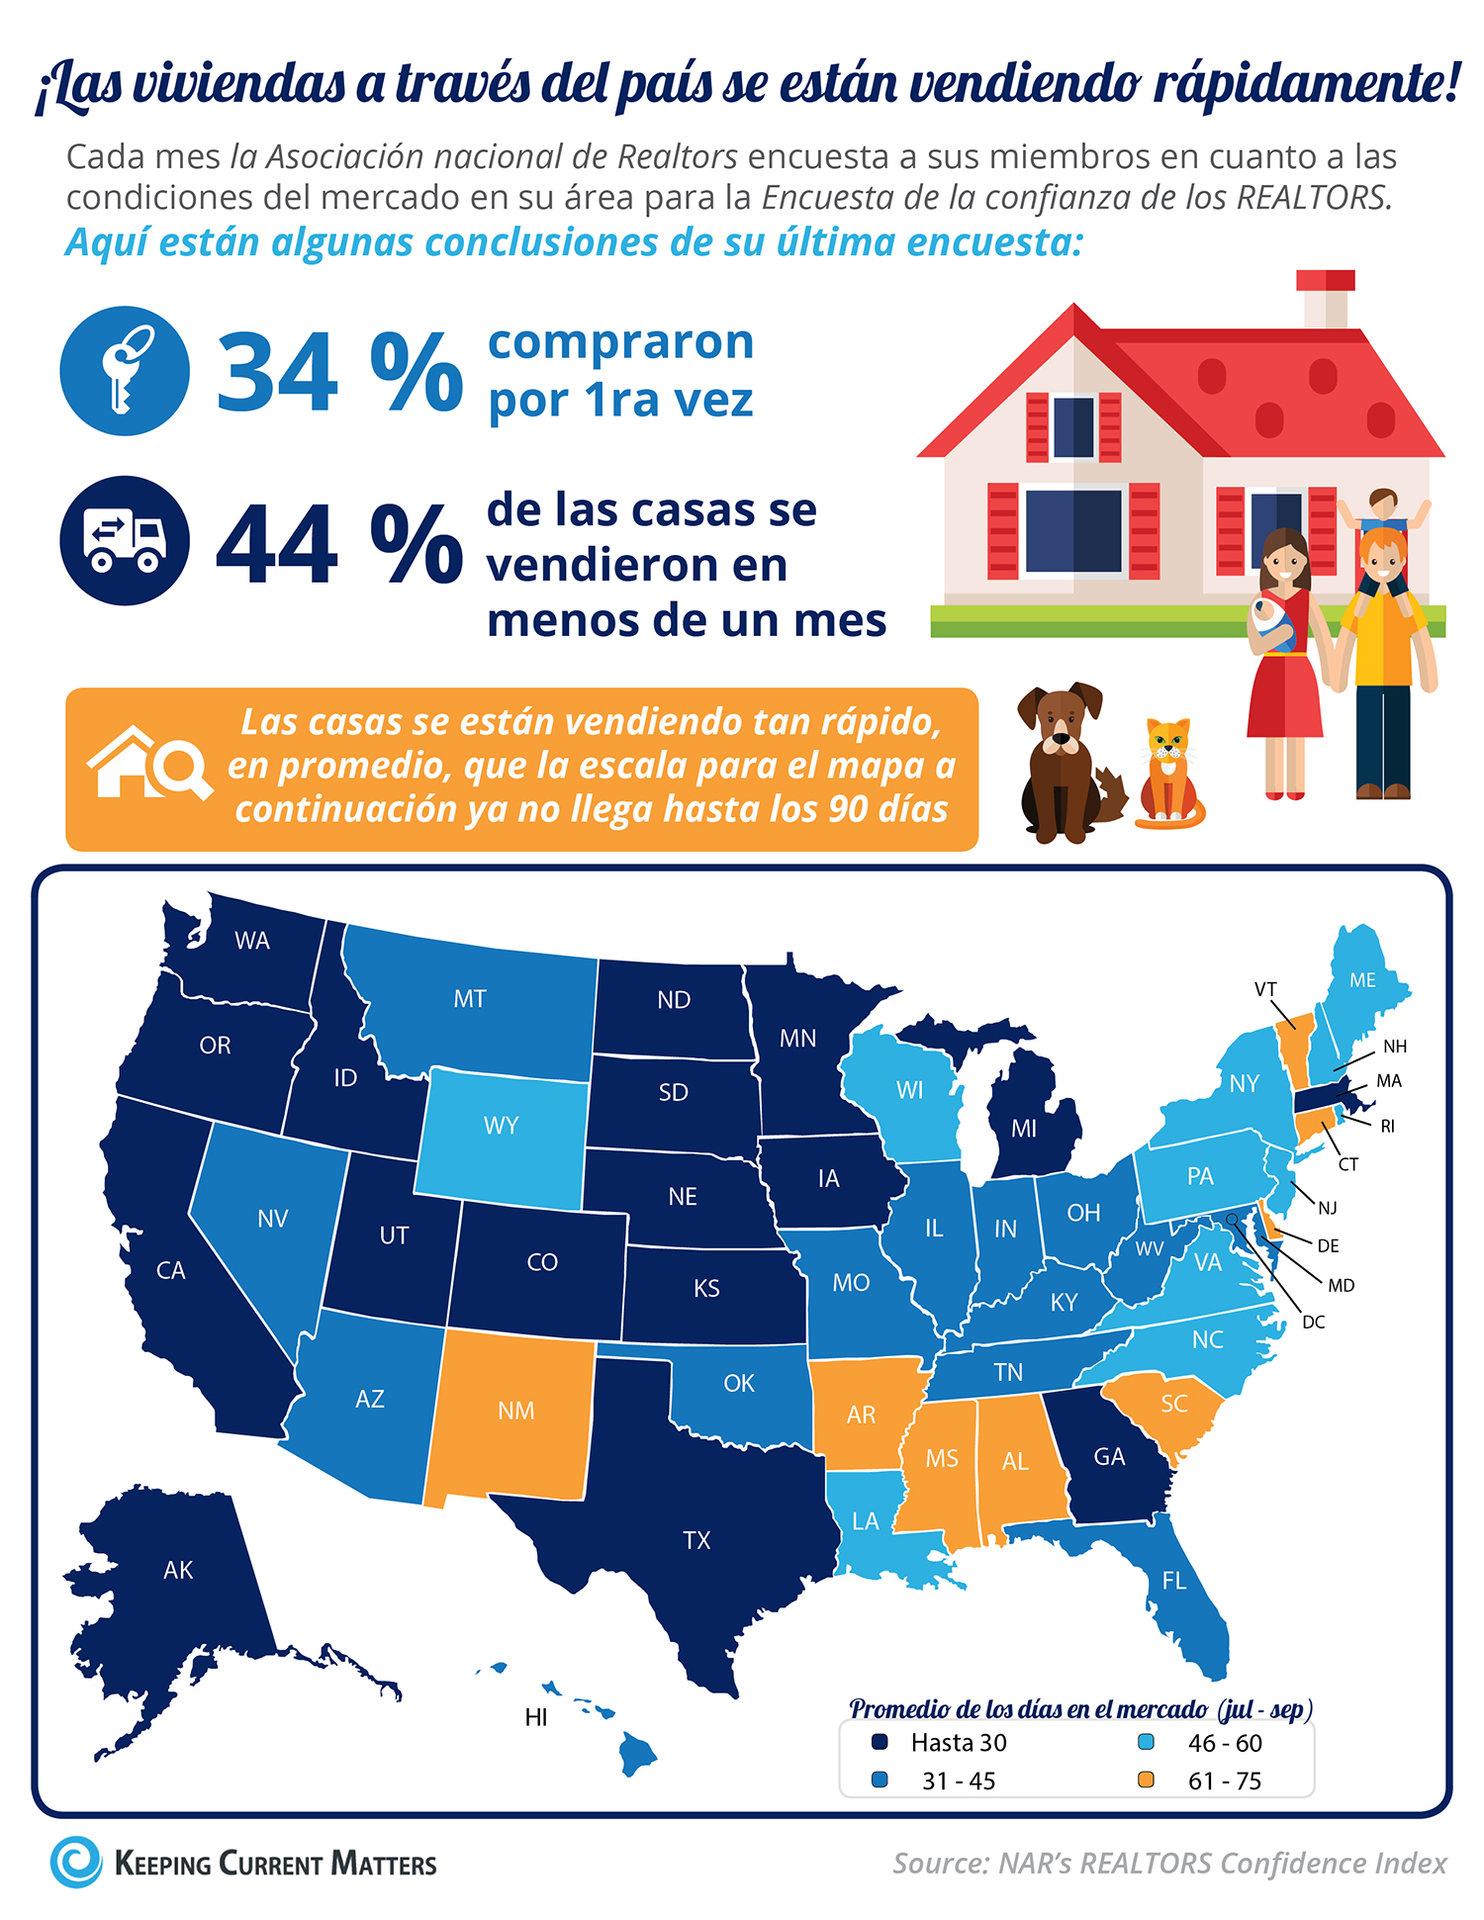 ¡Las viviendas a través del país se están vendiendo rápidamente! [infografía] | Keeping Current Matters